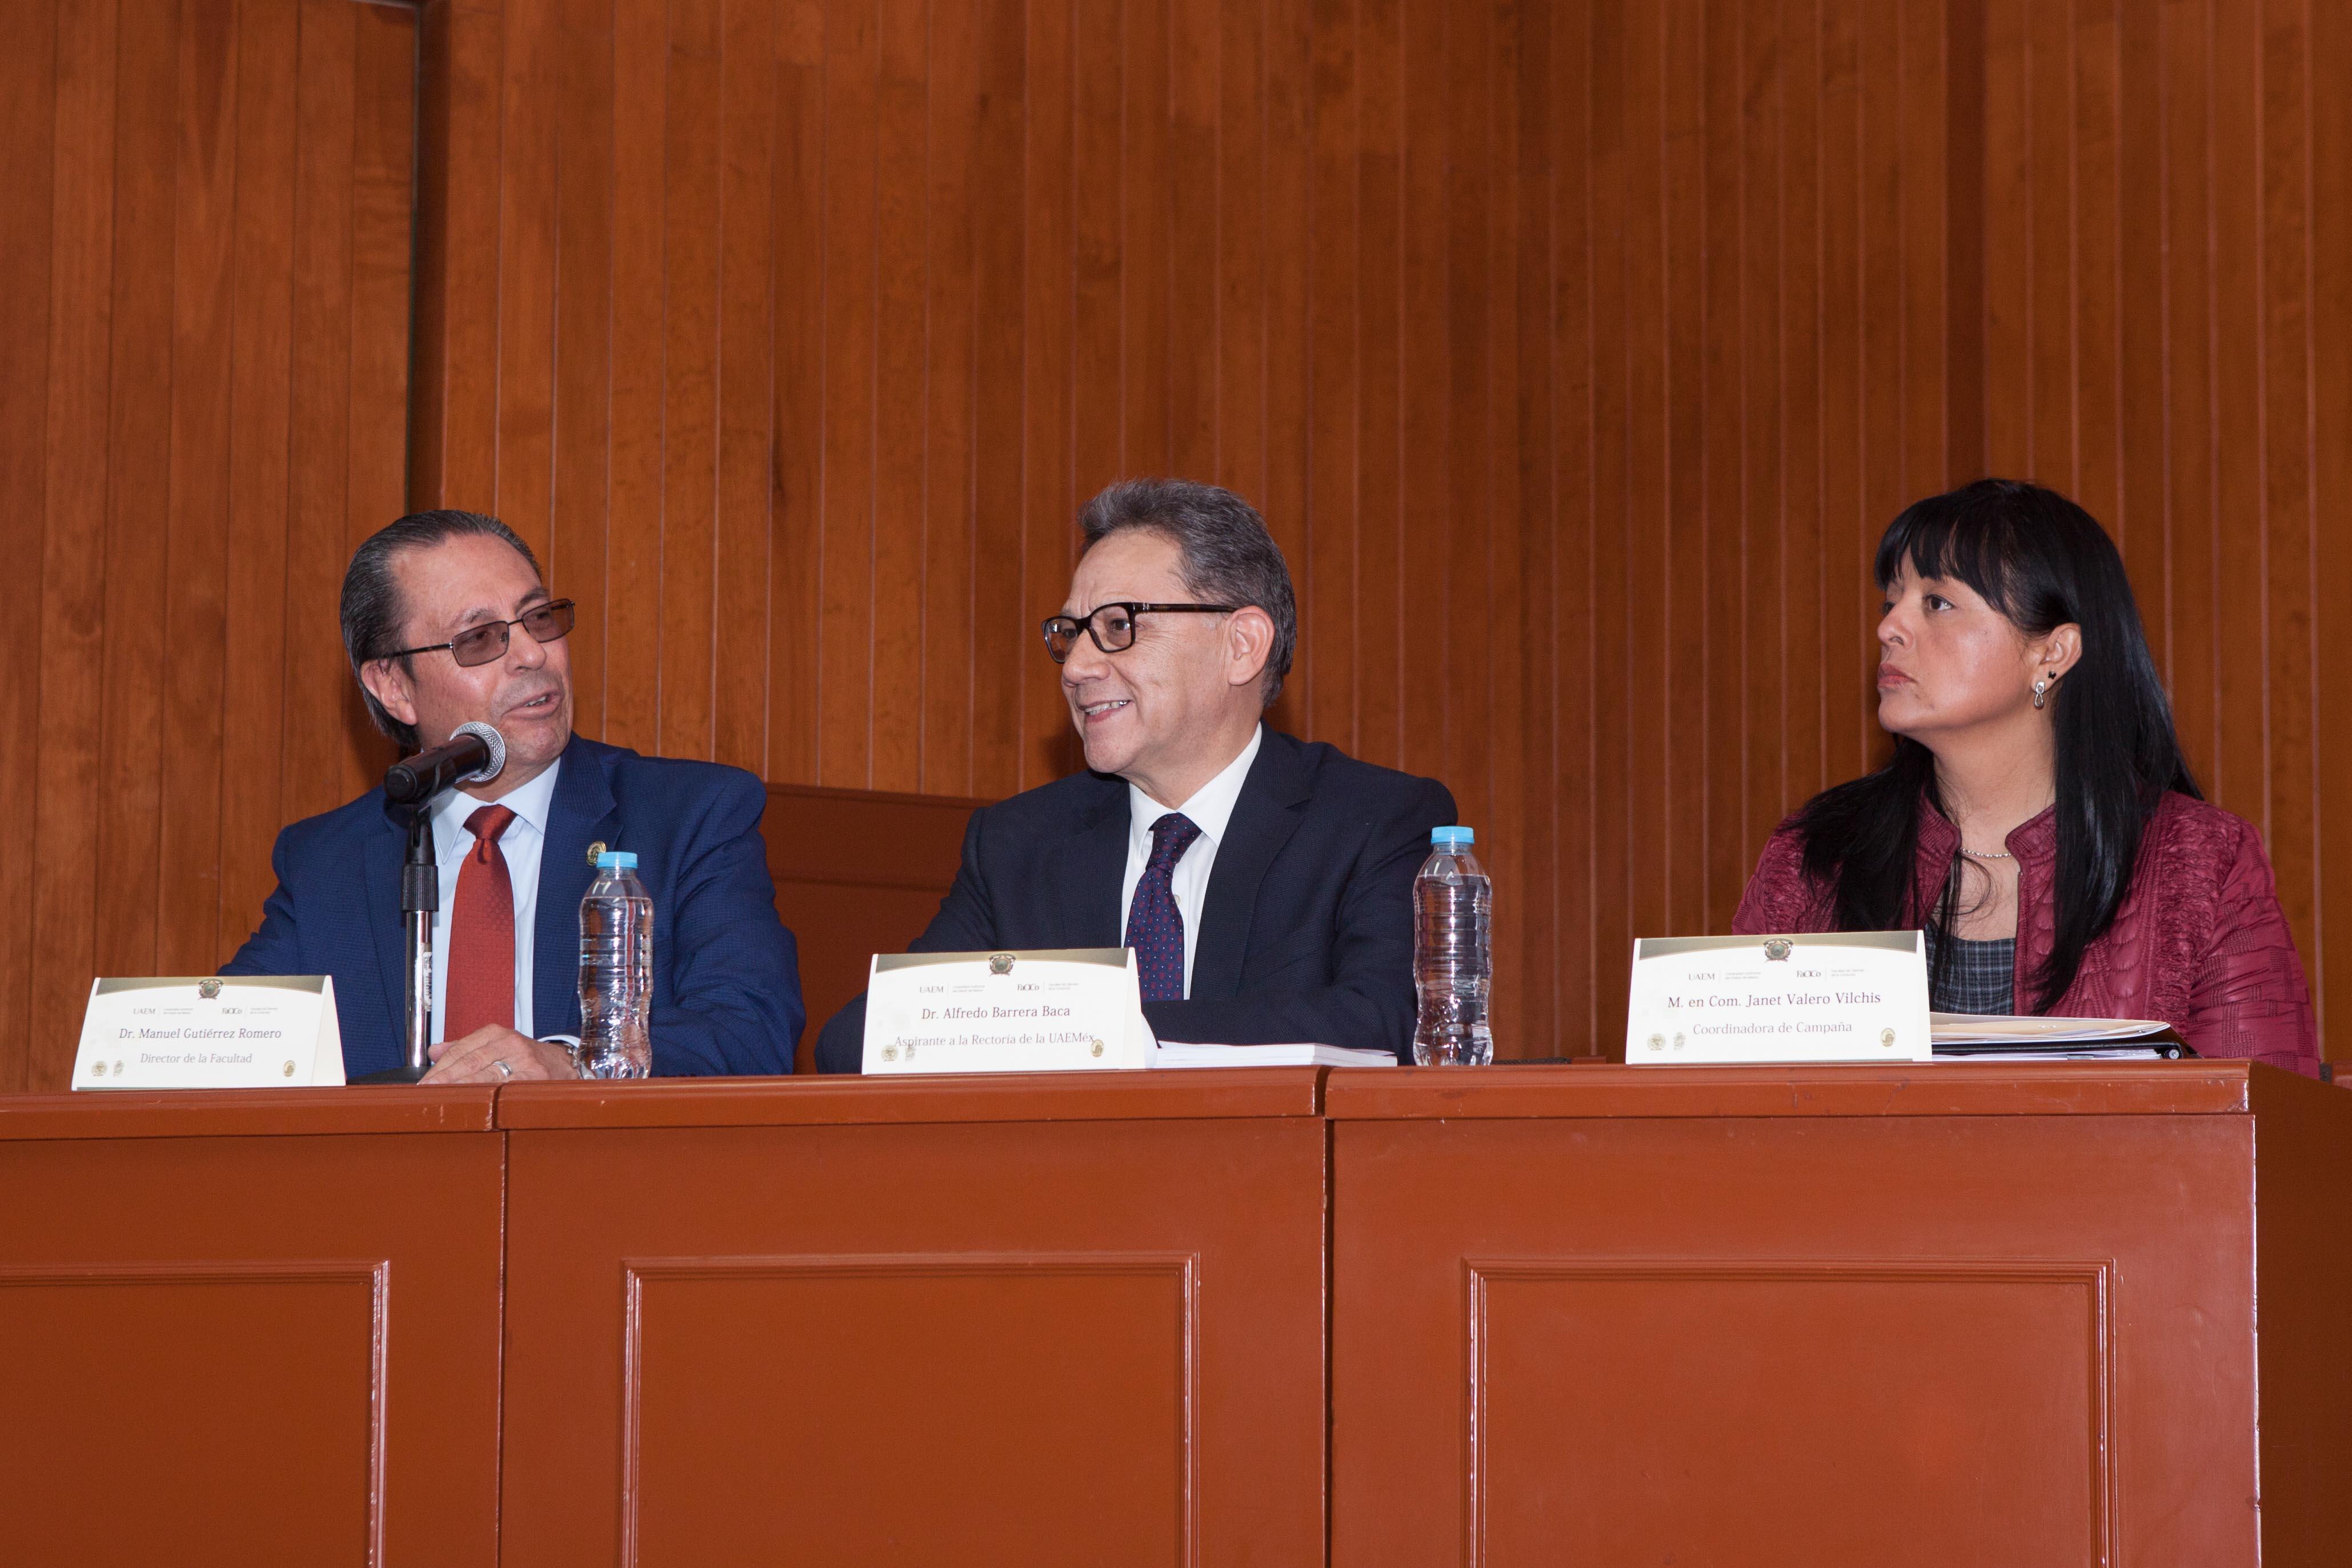 Propone Barrera más investigación con reconocimiento mundial